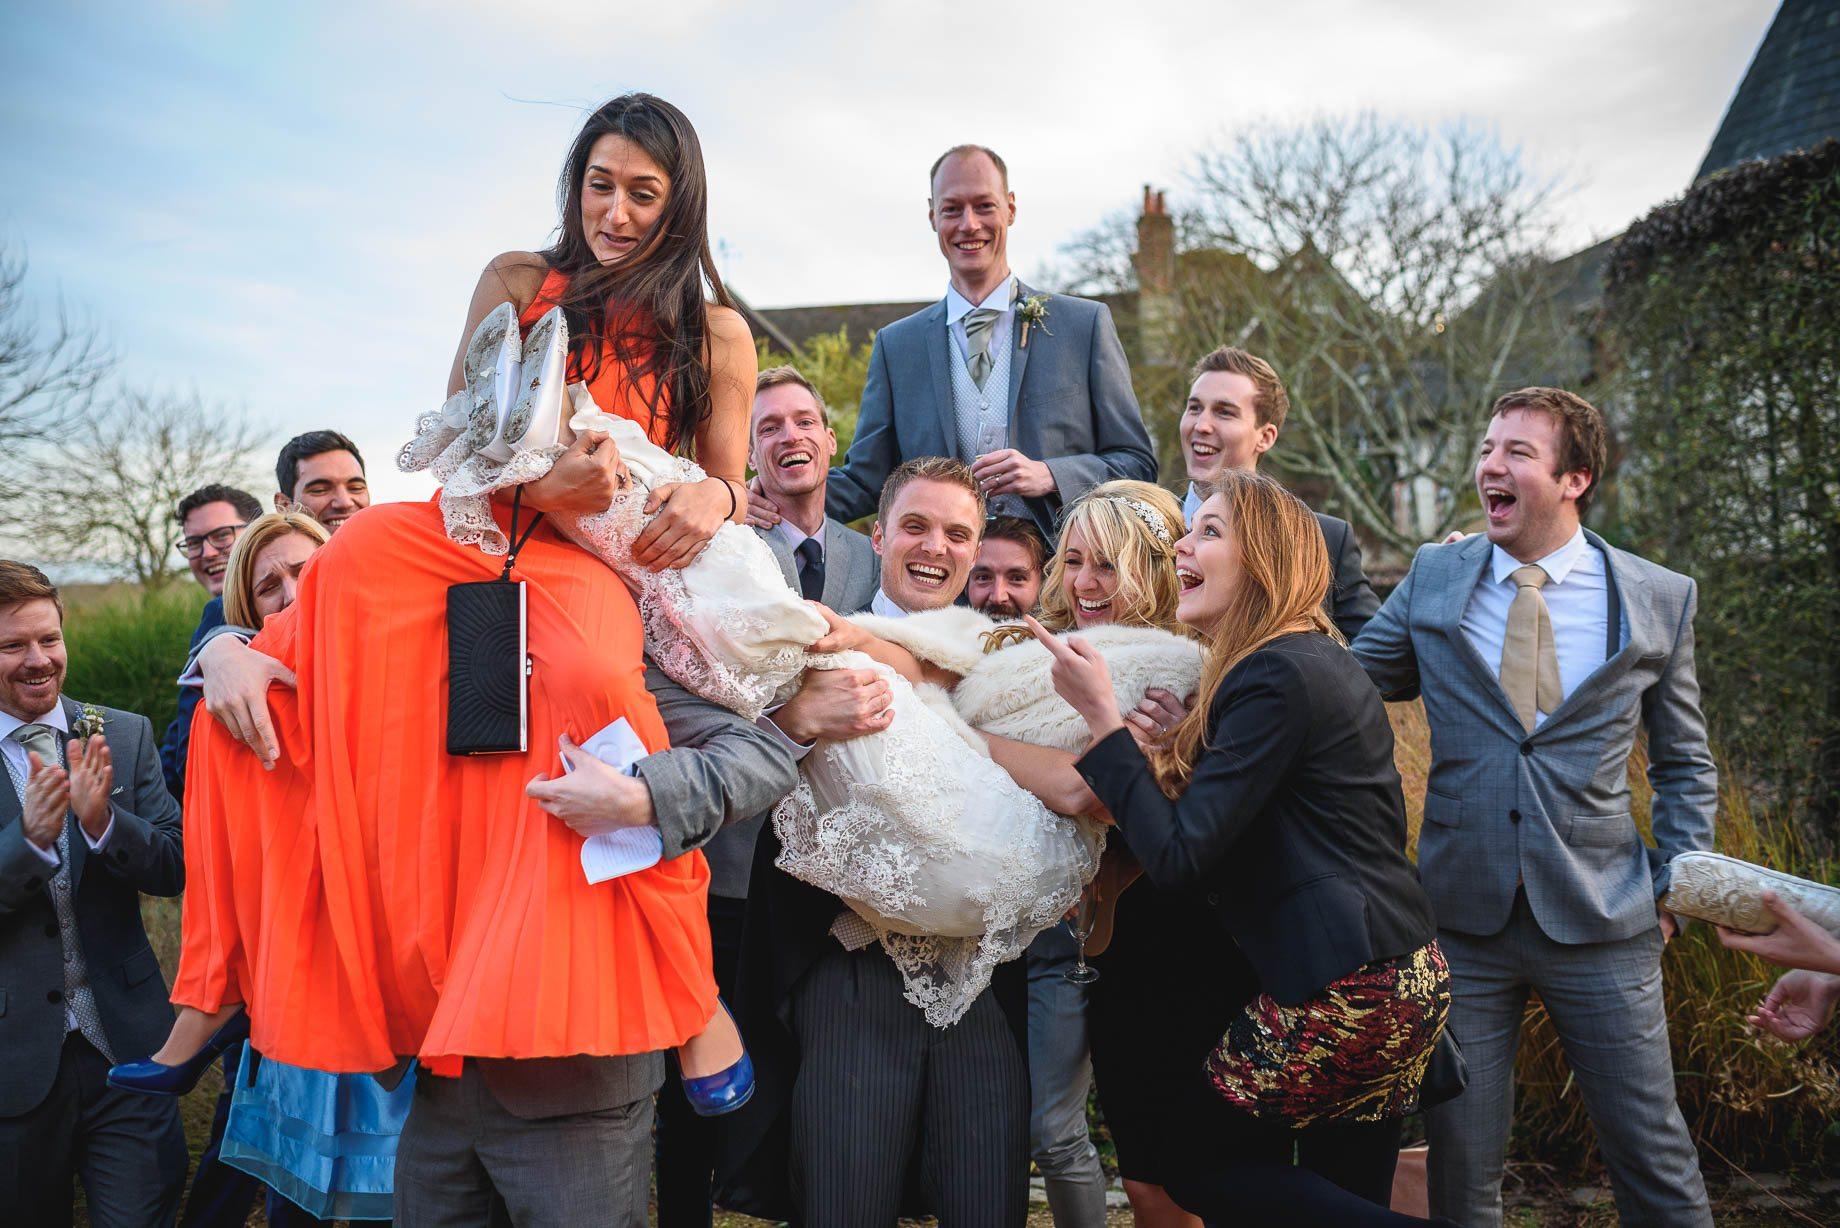 Bury-Court-Barn-wedding-photography-Lauren-and-Nick-155-of-215